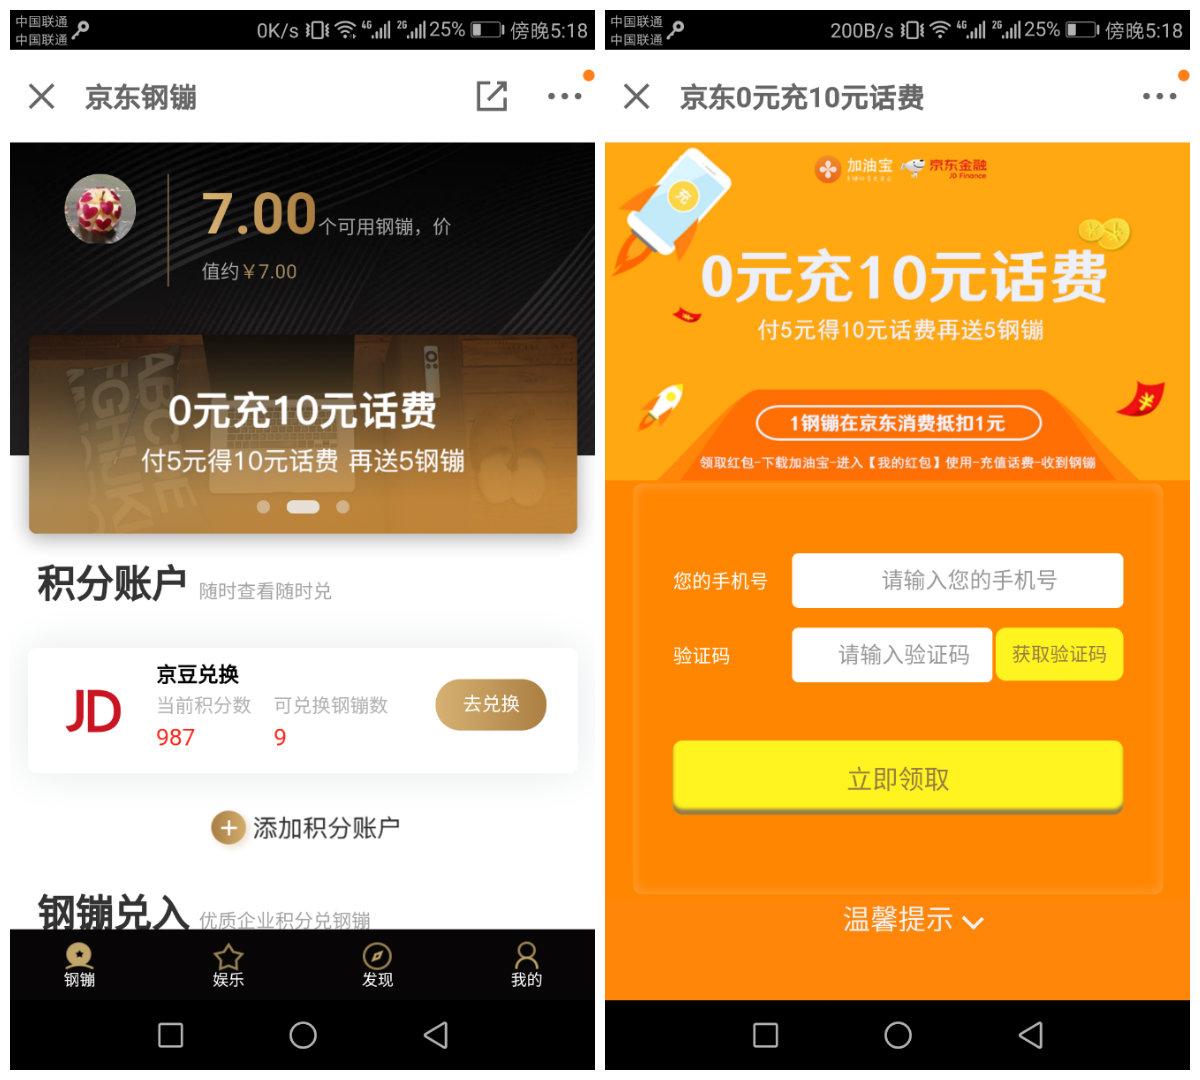 京东金融0元撸三网10元话费快